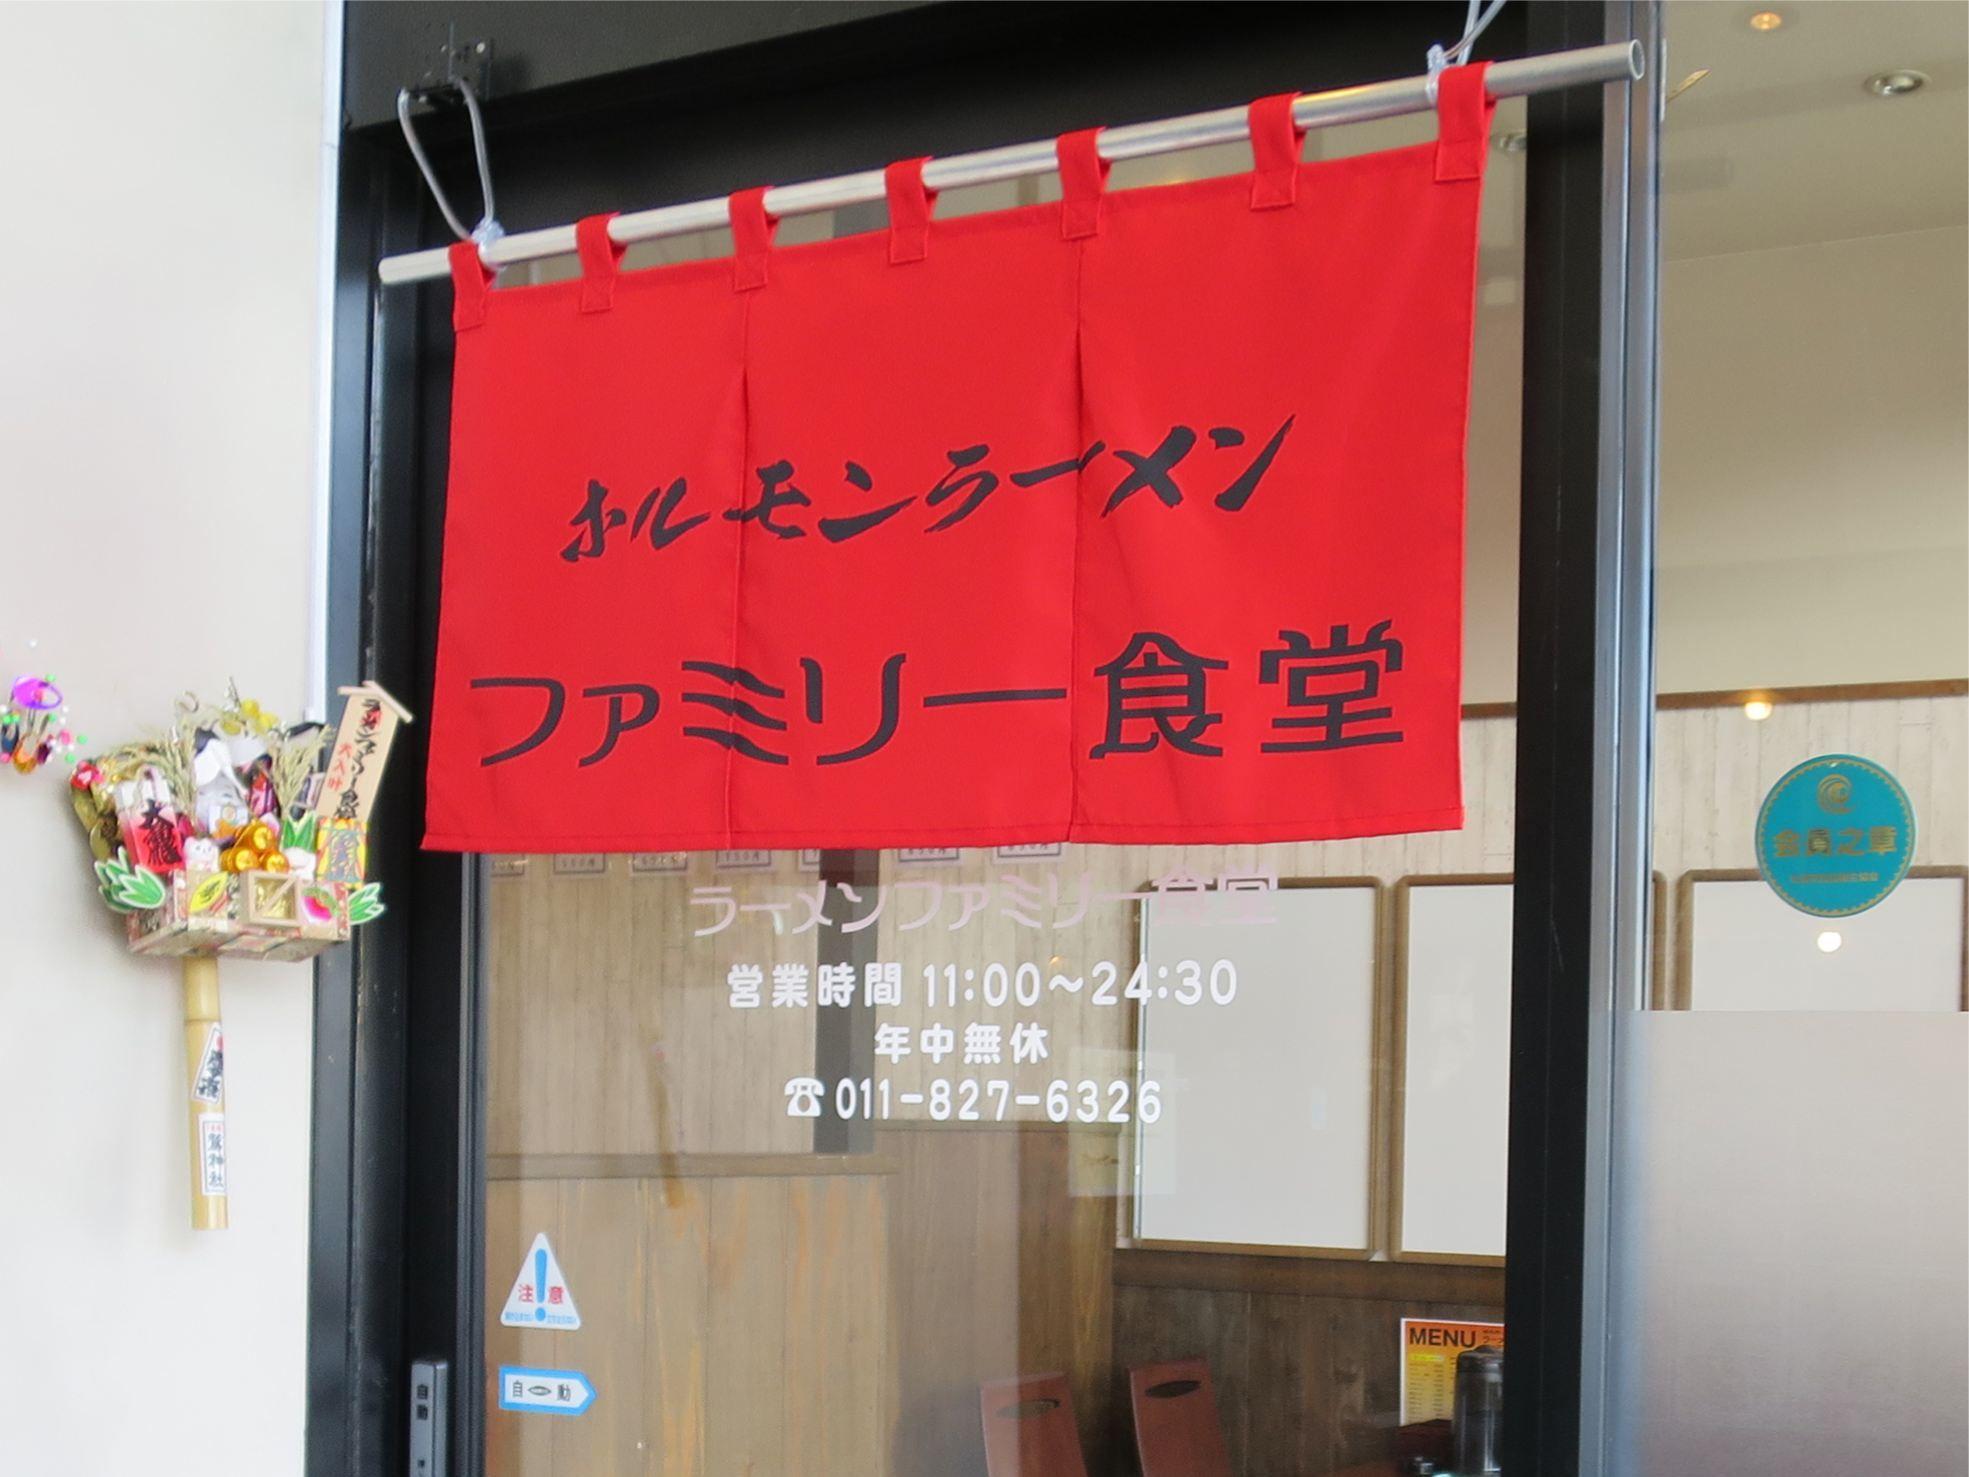 ホルモンラーメン ファミリー食堂